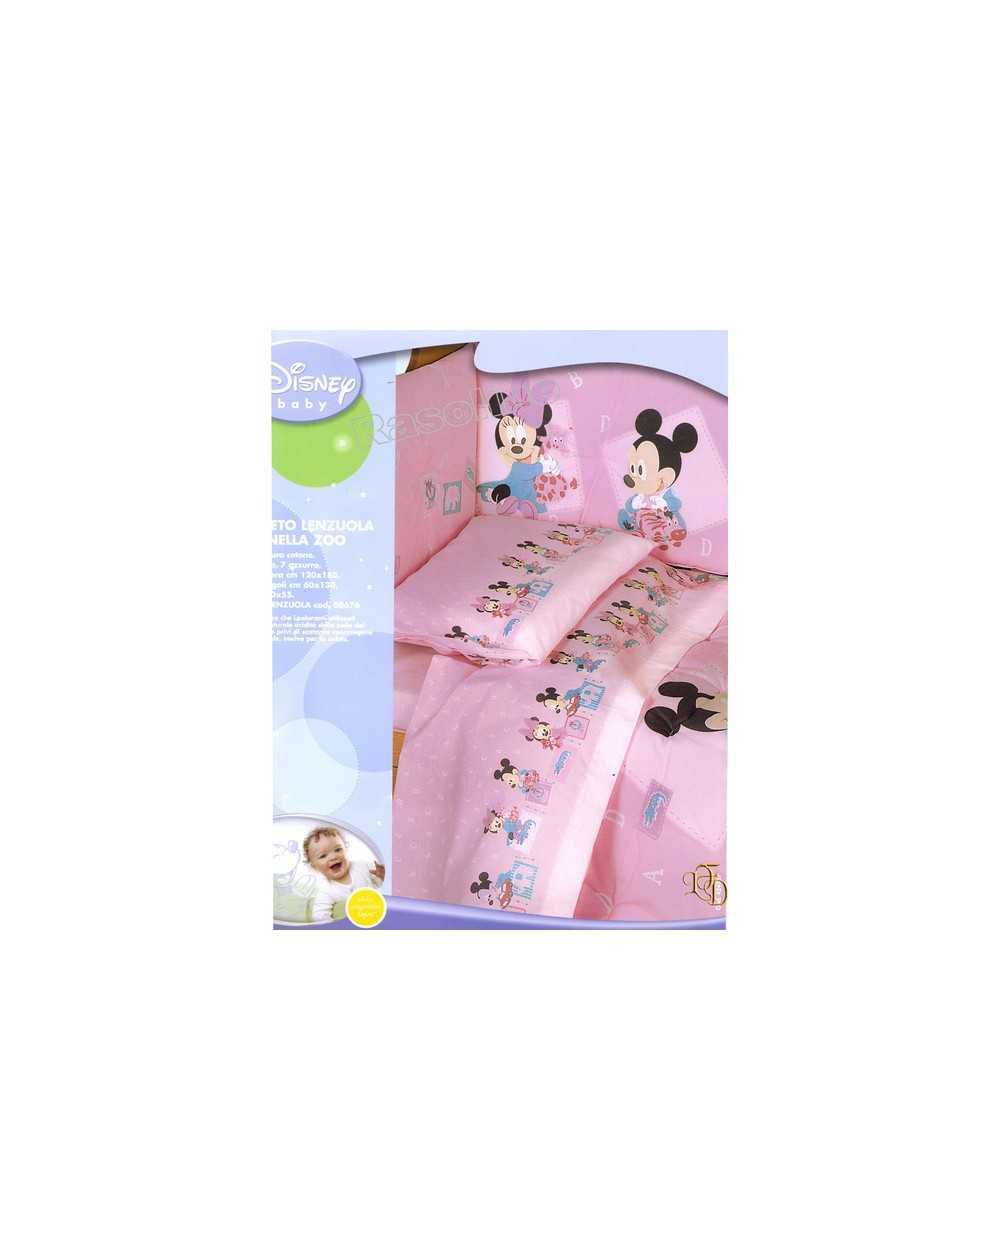 Lenzuola Matrimoniali Con Topolino E Minnie.Flanella Completo Lenzuola Per Lettino Minnie Baby Disney Colore